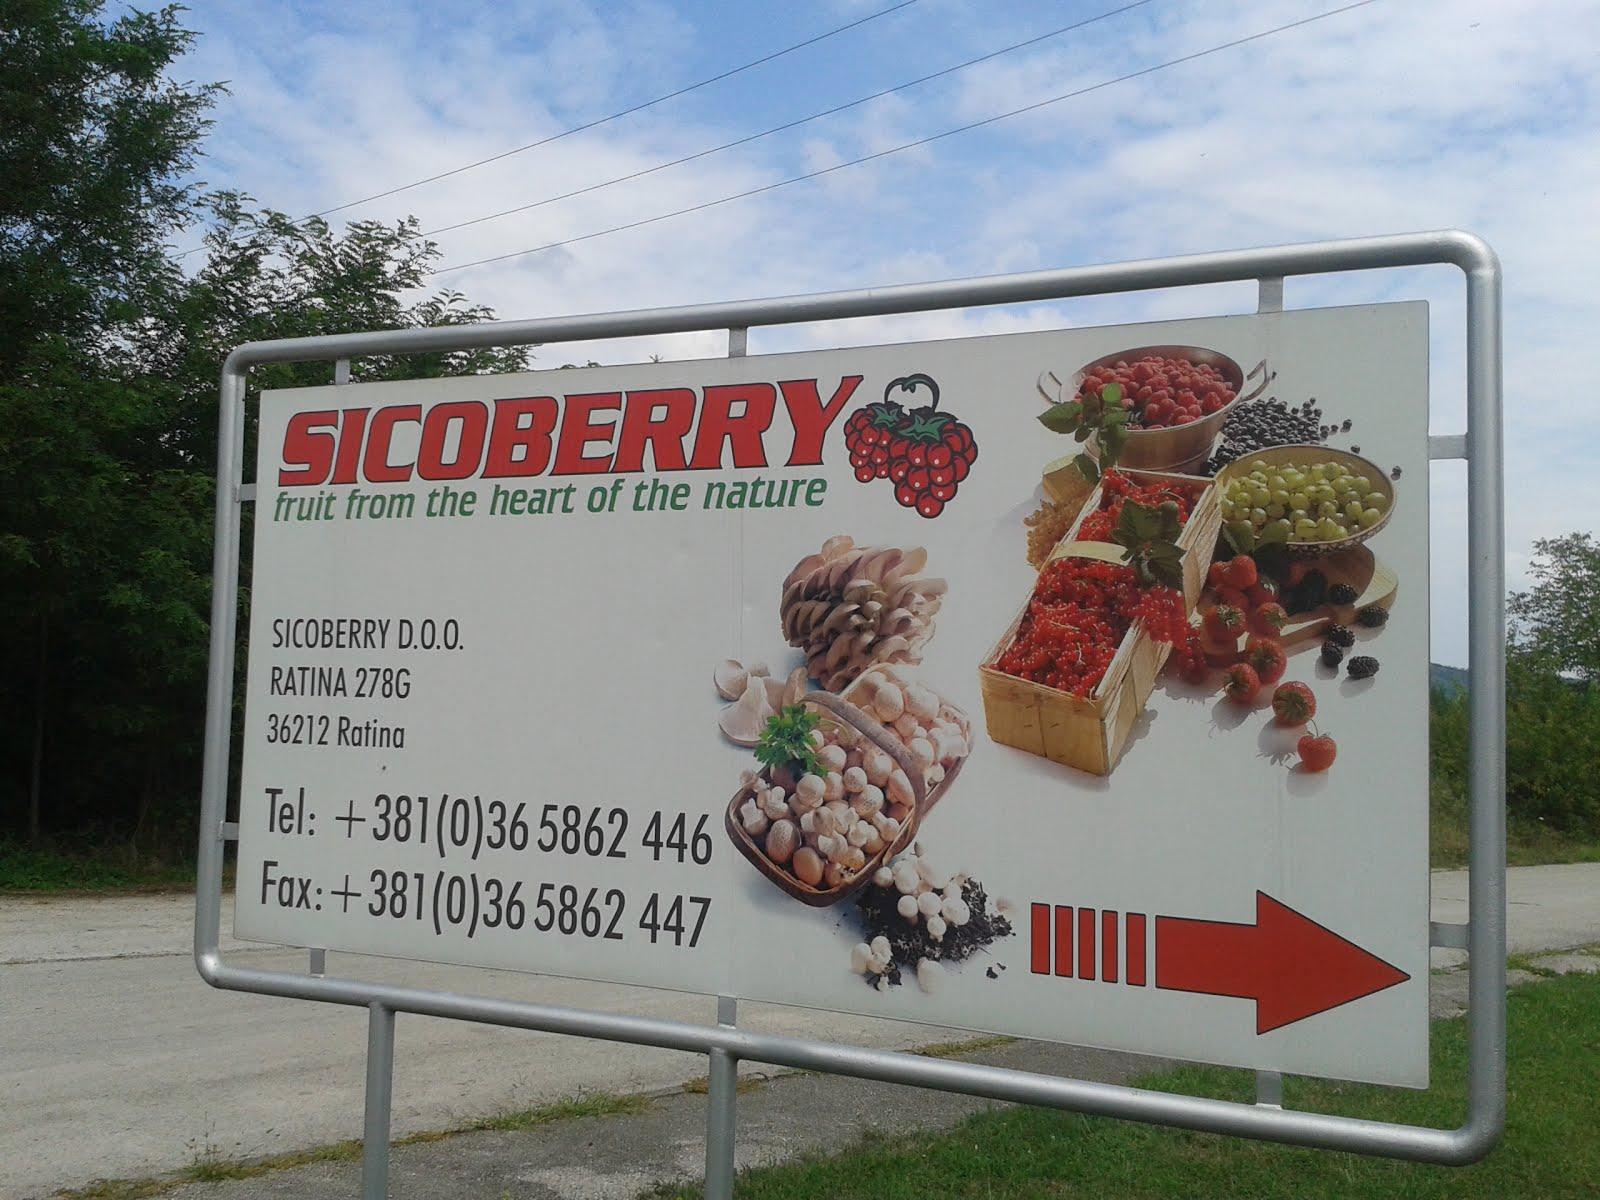 SICOBERRY DOO